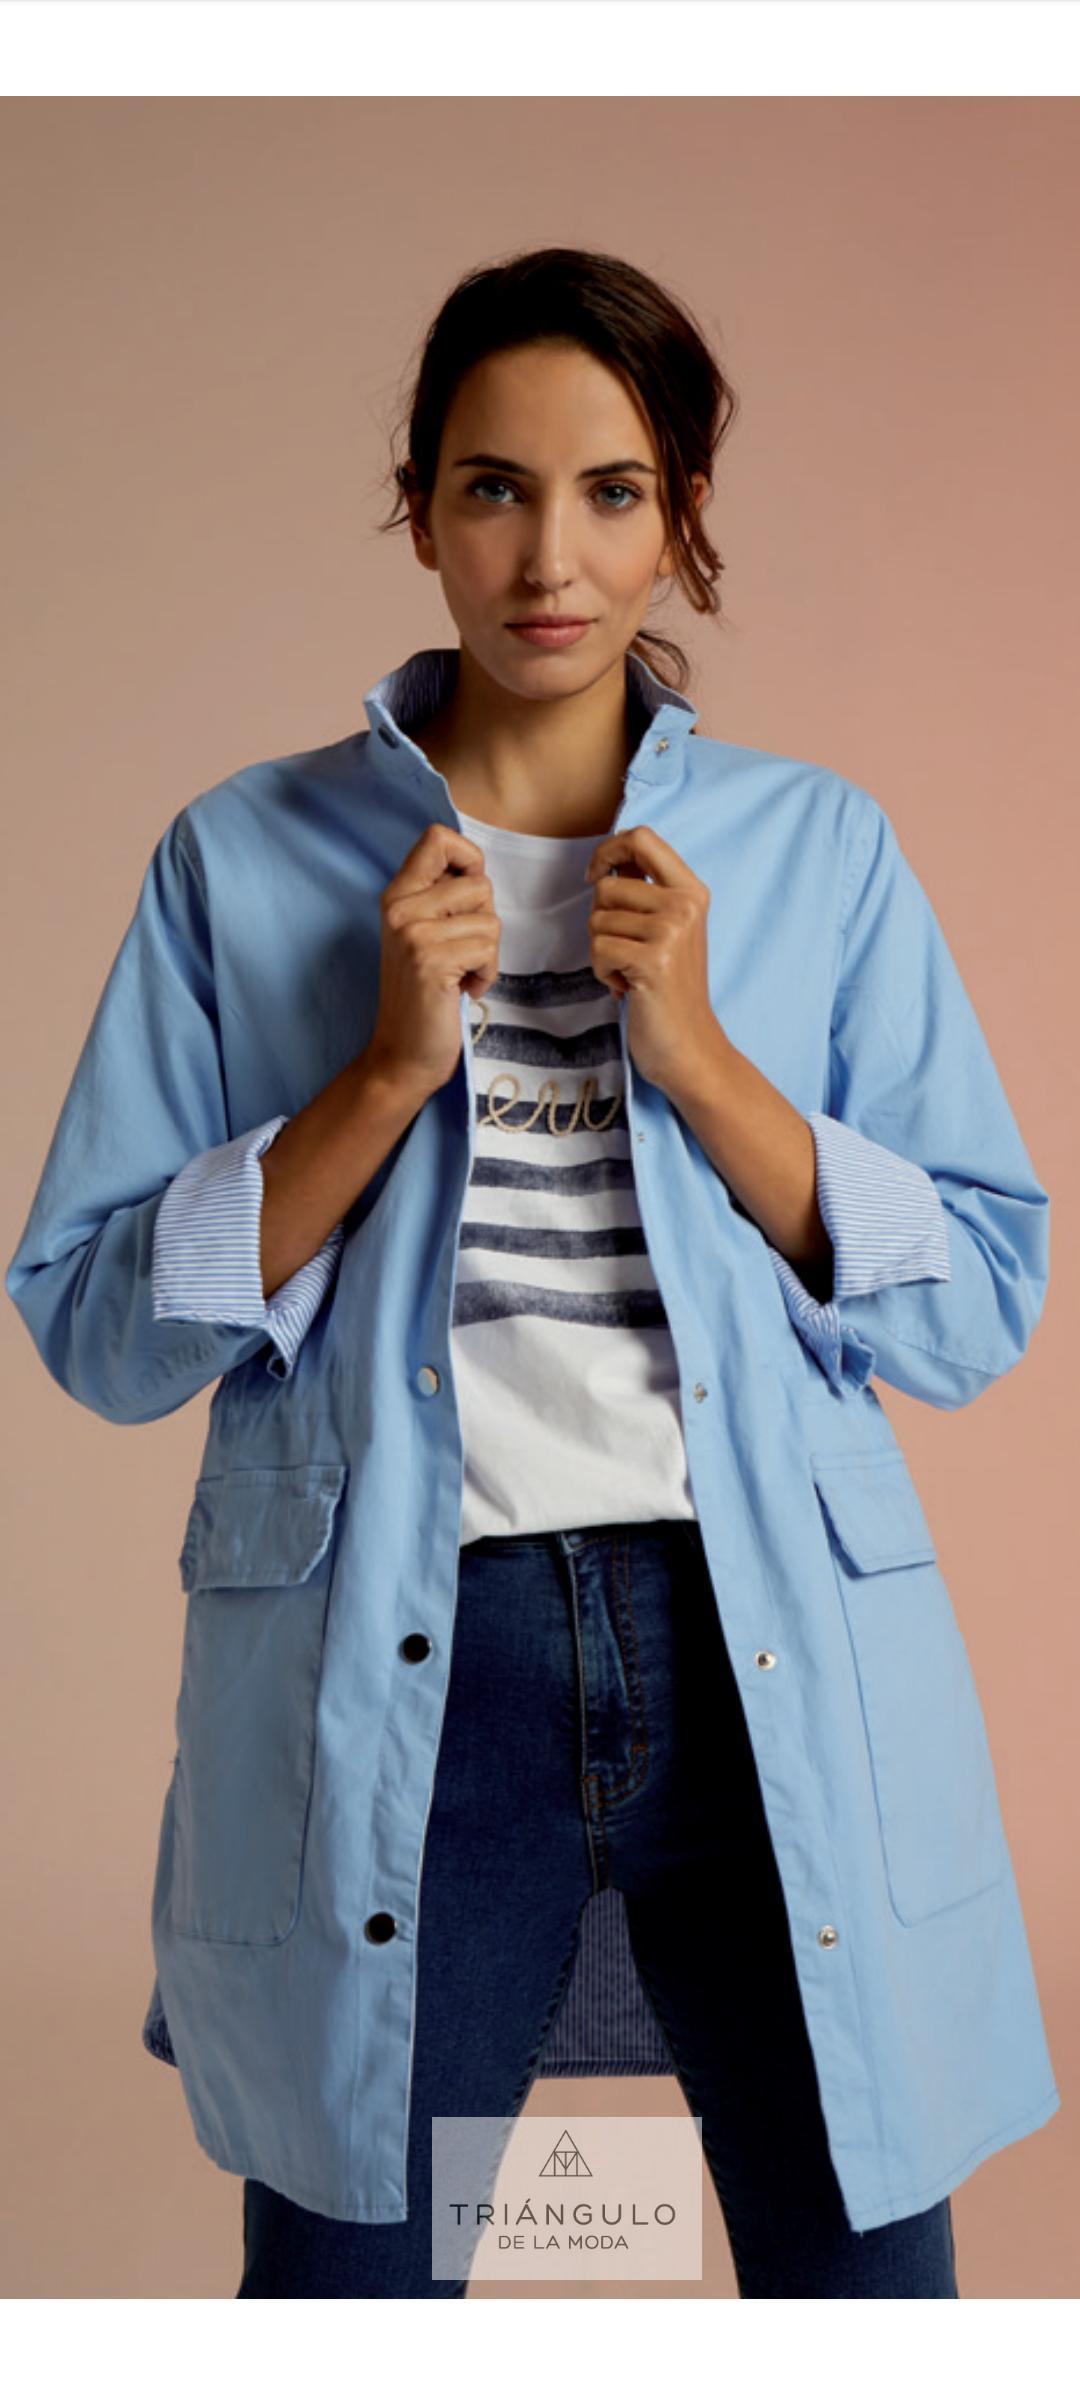 Tienda online del Triangulo de la Moda CHAQUETA REVERSIBLE